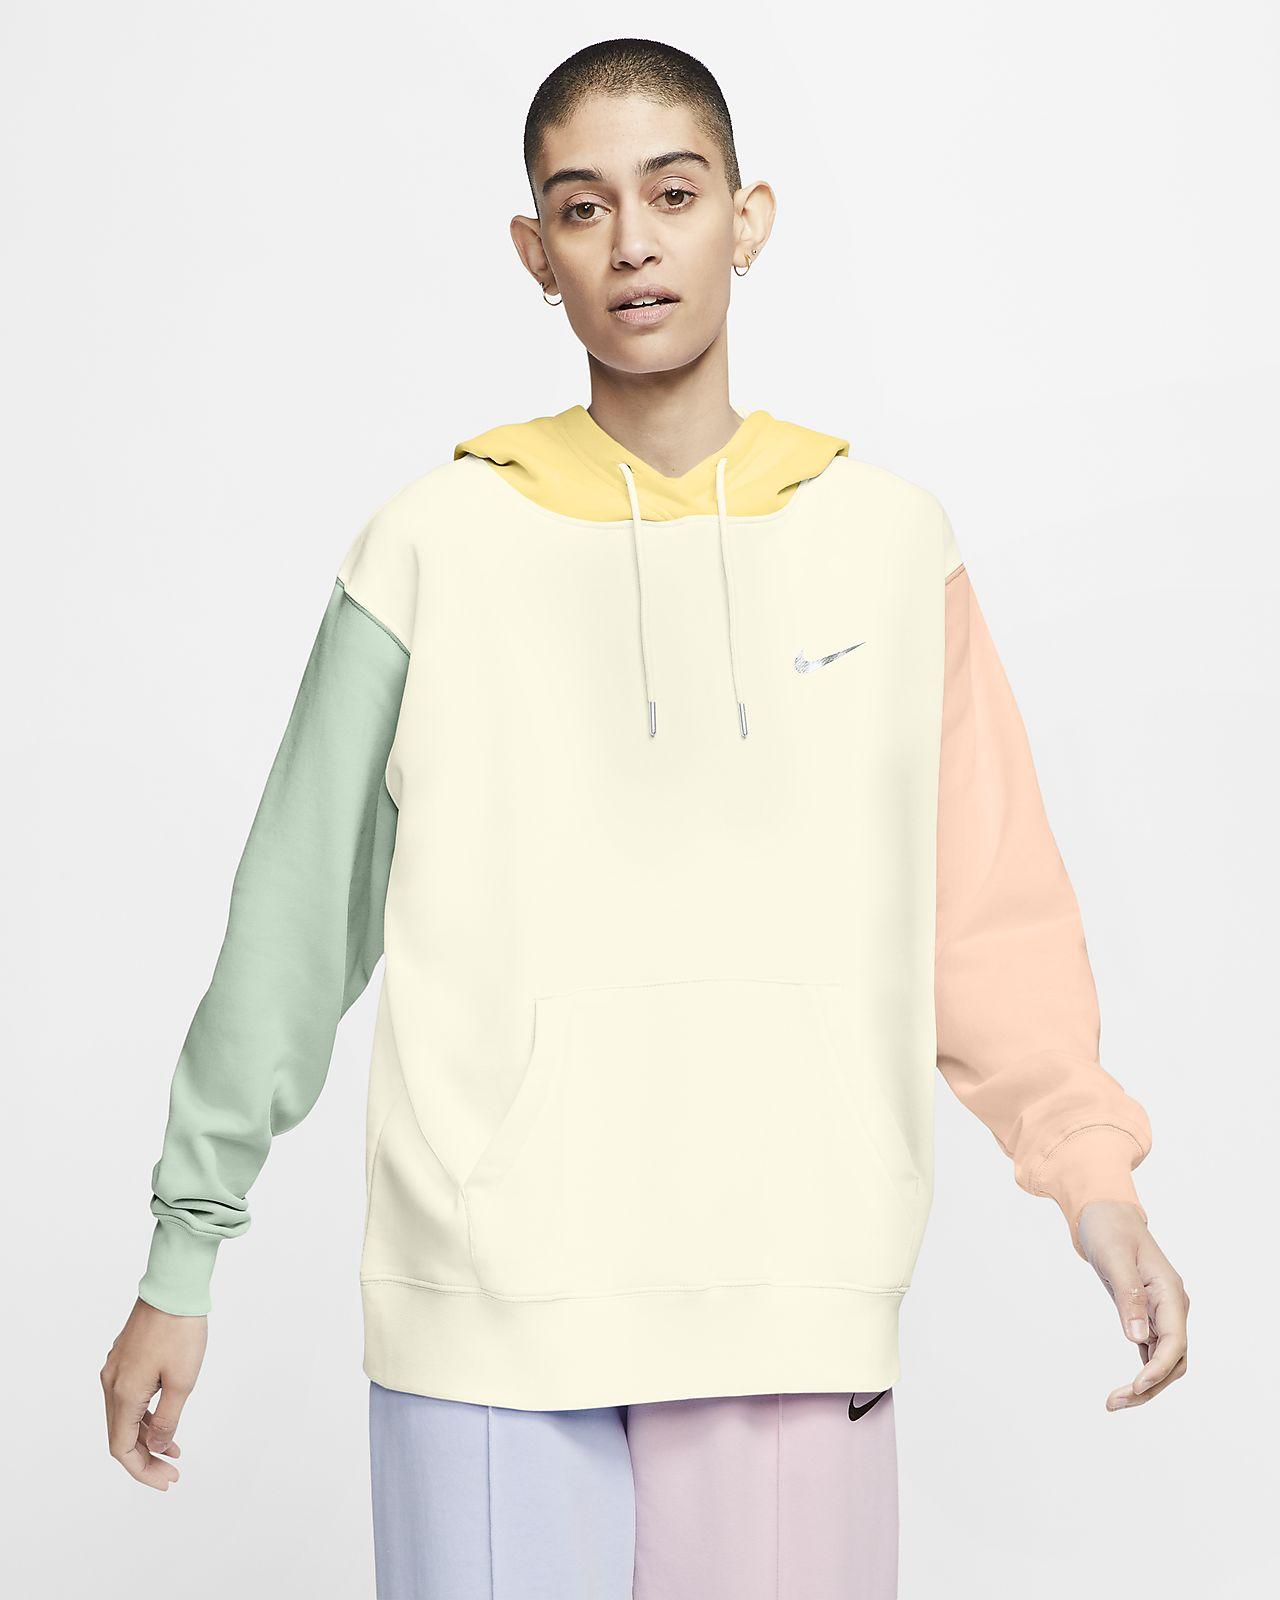 Γυναικεία μπλούζα με κουκούλα και σήμα Swoosh Nike Sportswear